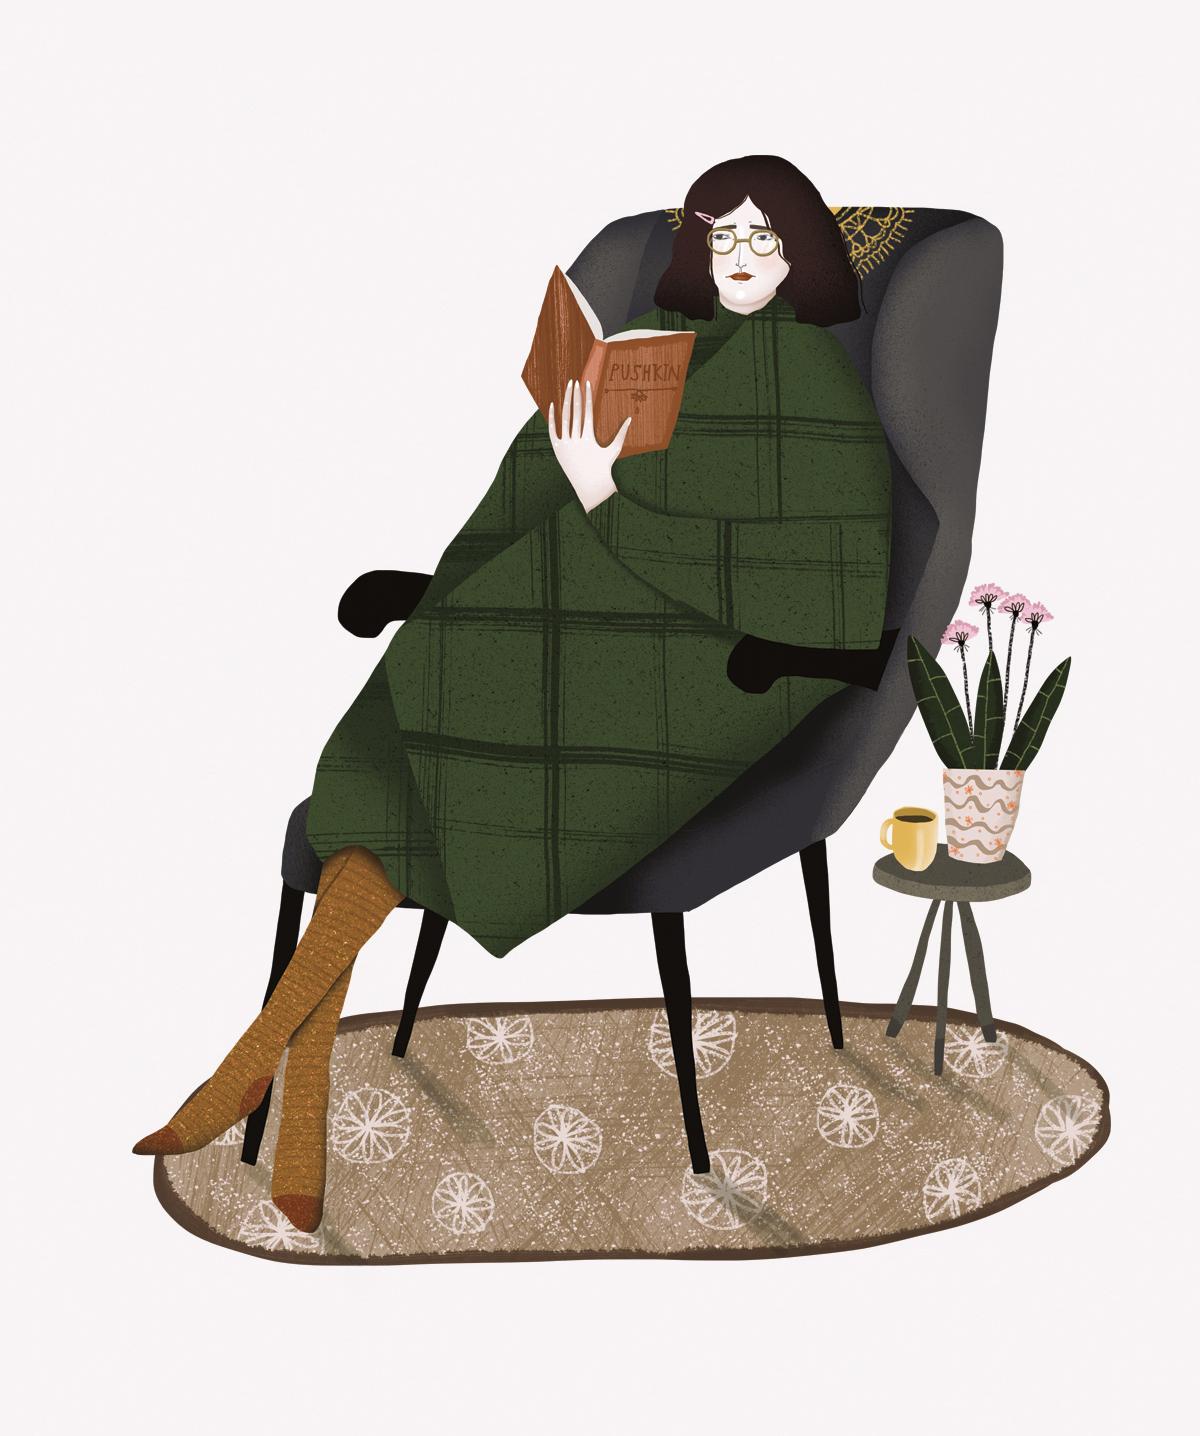 Autumn survival, illustration by Anna Rudak